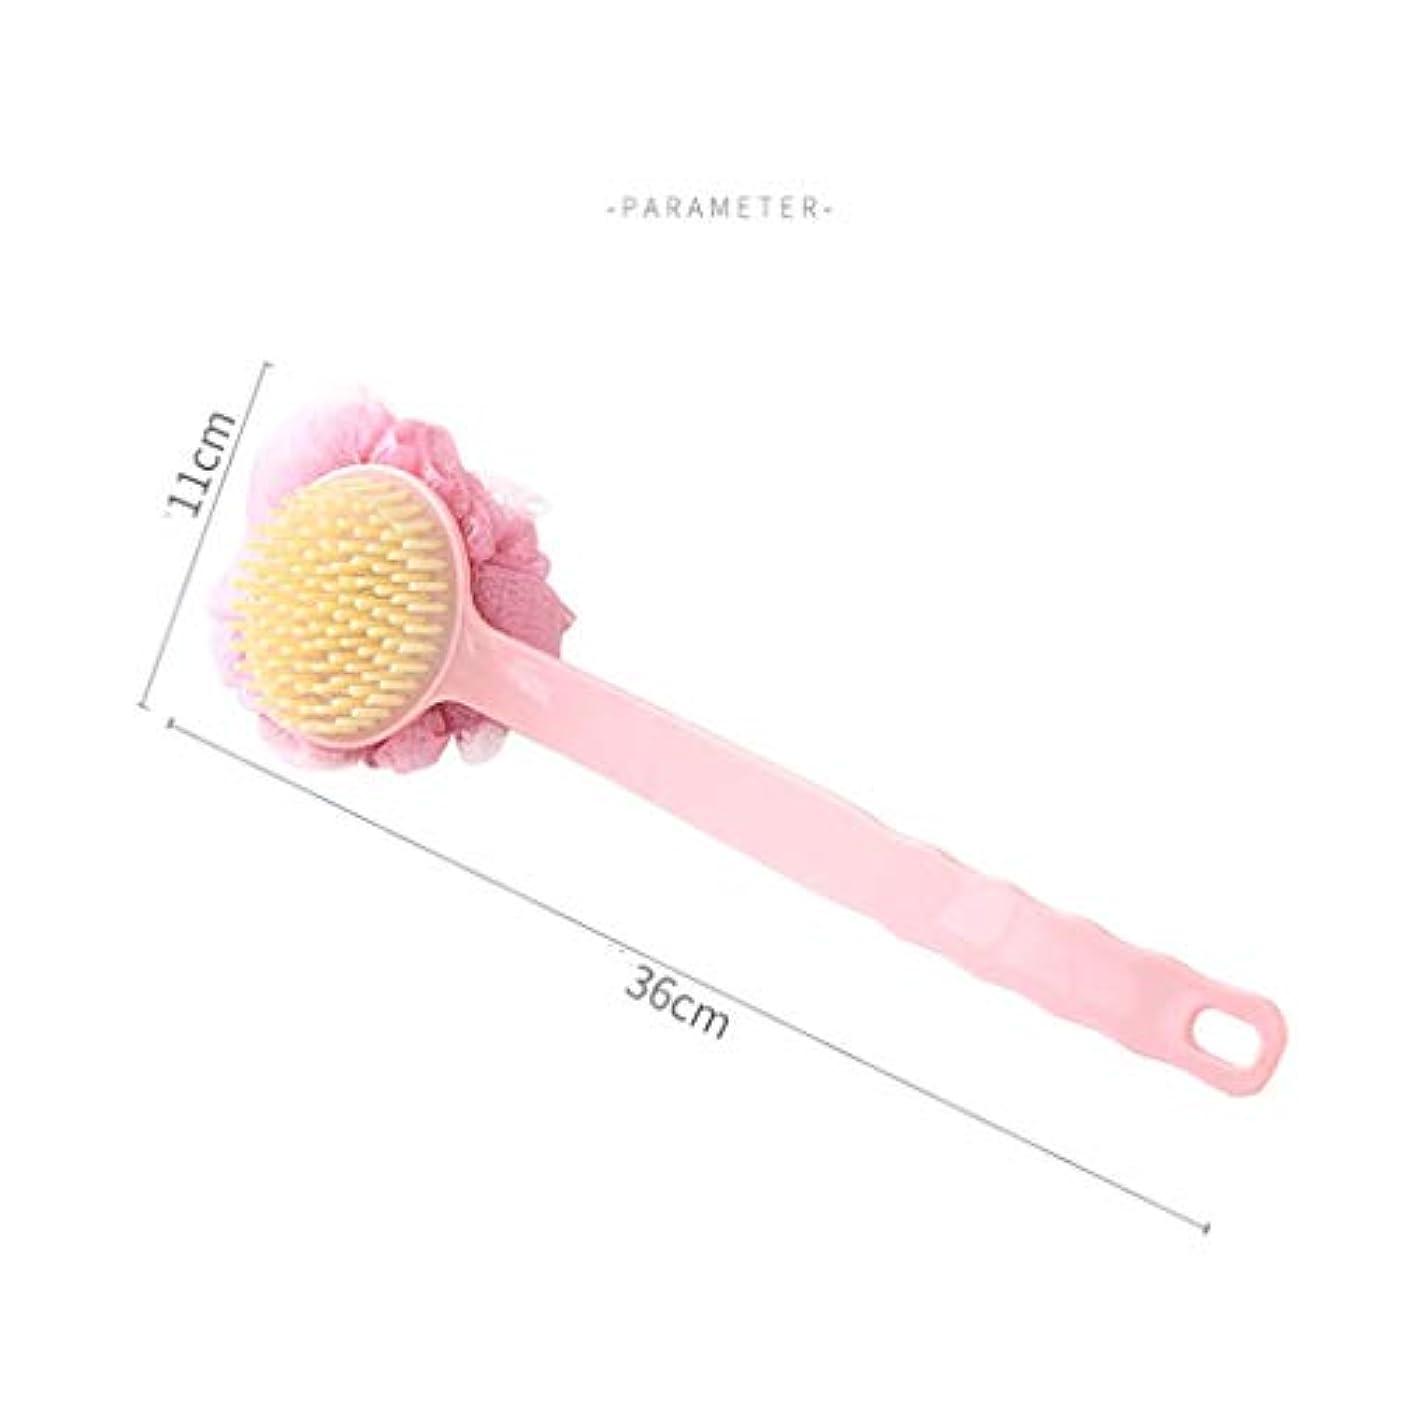 砂利細菌実用的Bath Body Brush - 敏感肌用のソフトファーロングハンドルエクスフォリエーションバックスクラバー付きシャワーボディバックブラシ (色 : ピンク)